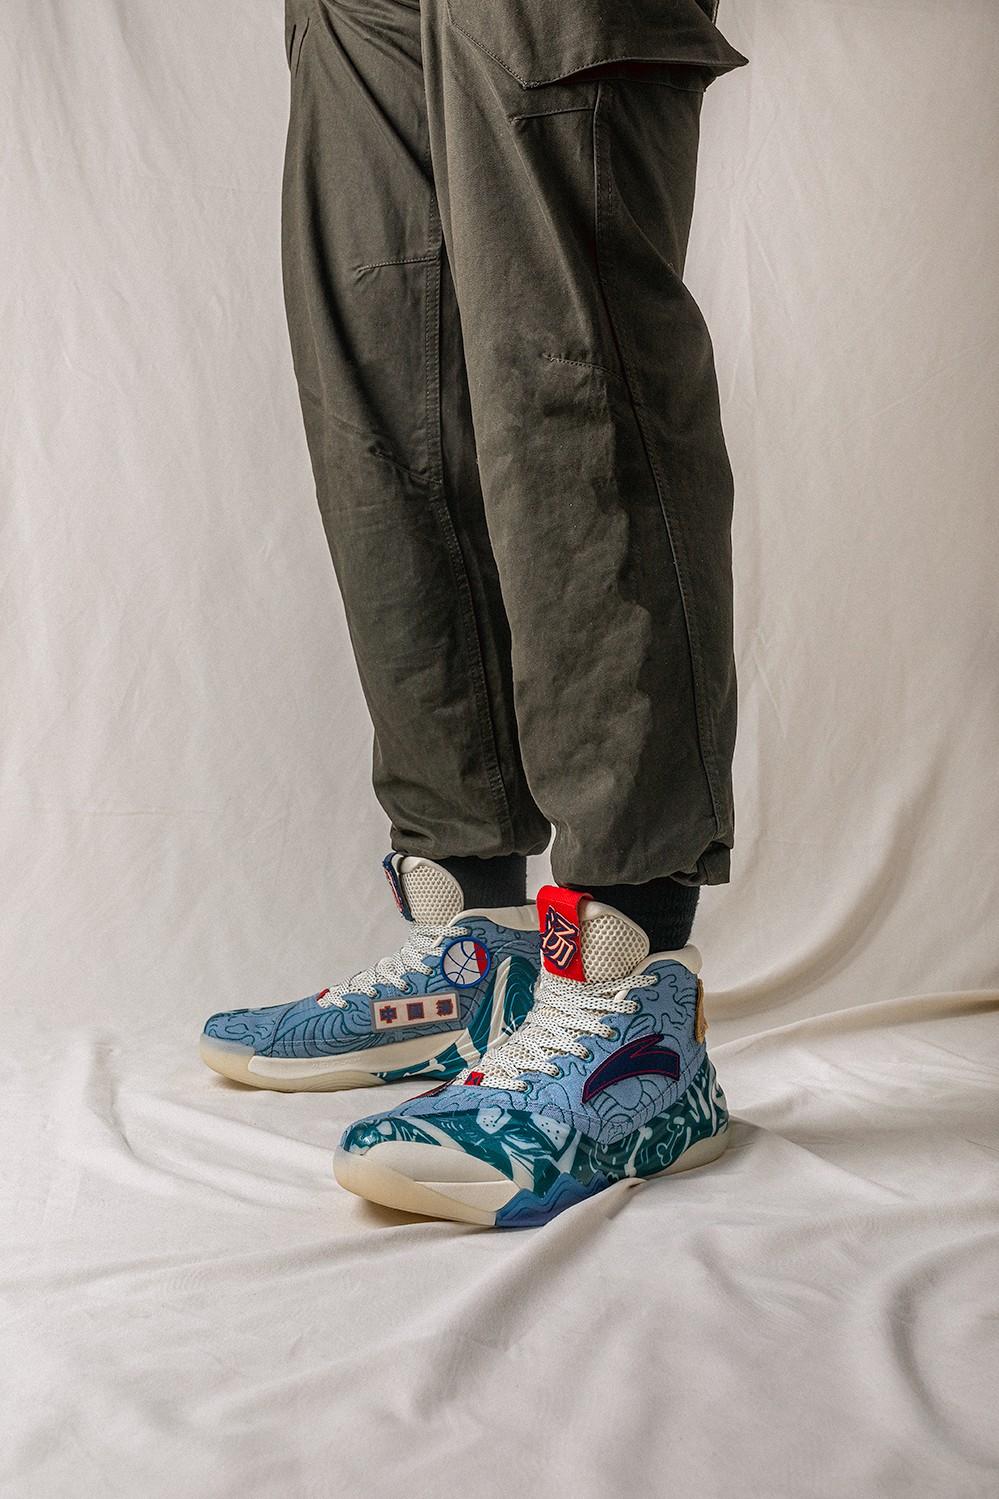 安踏,中国汤,KT6,ANTA  「能玩一天」的鞋又来了!上次发售还是一年前!别等买不到再后悔!